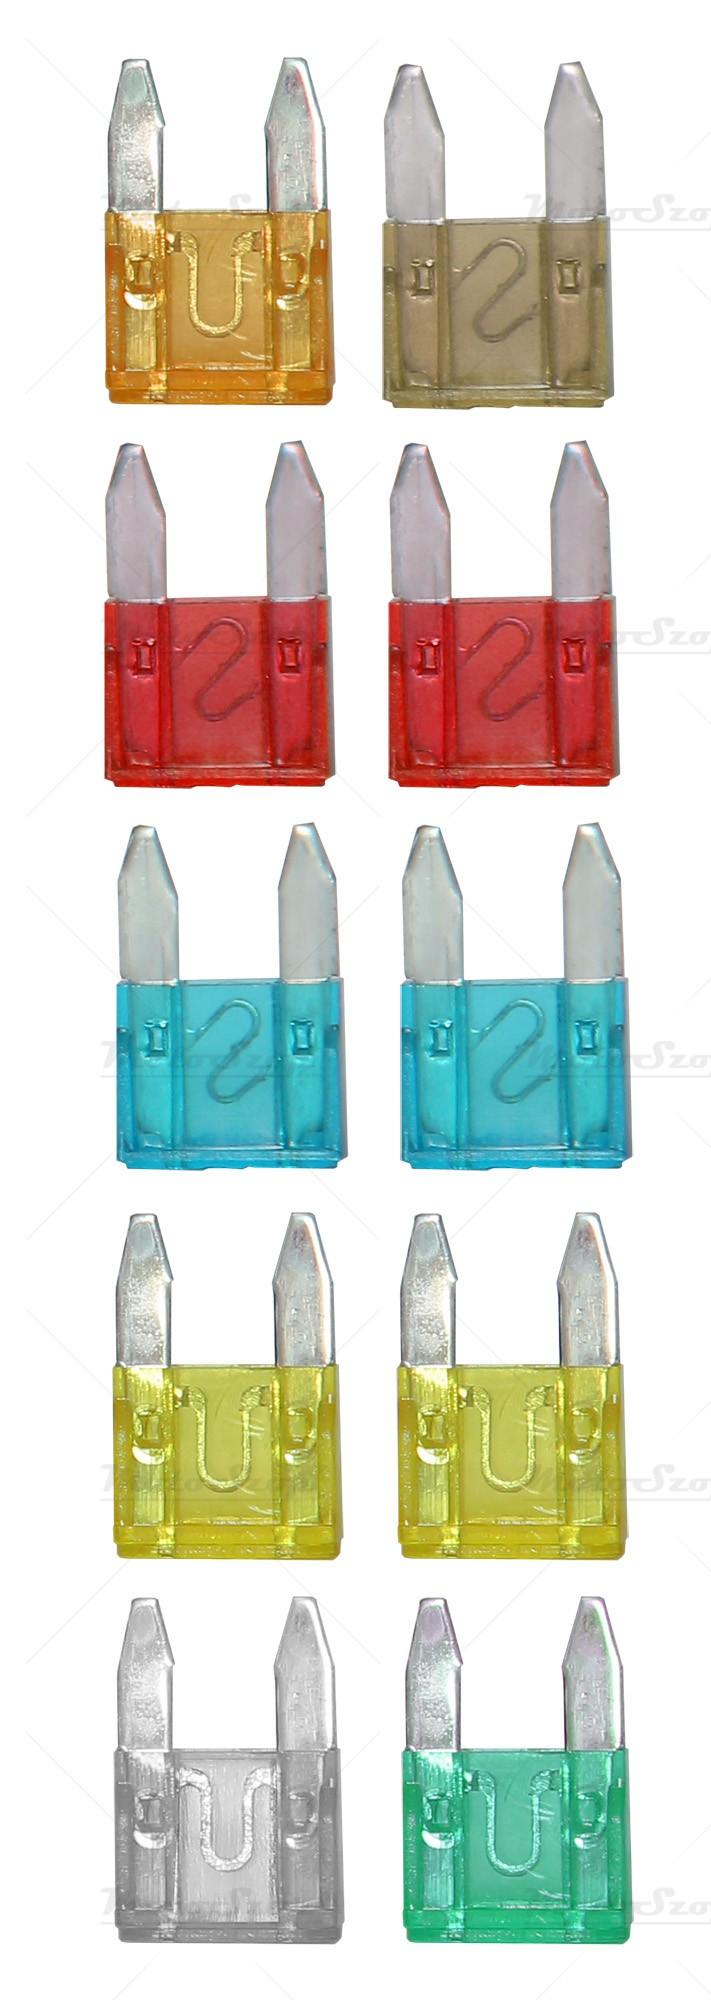 Bezpiecznik płytkowy MINI 25A (100szt.)